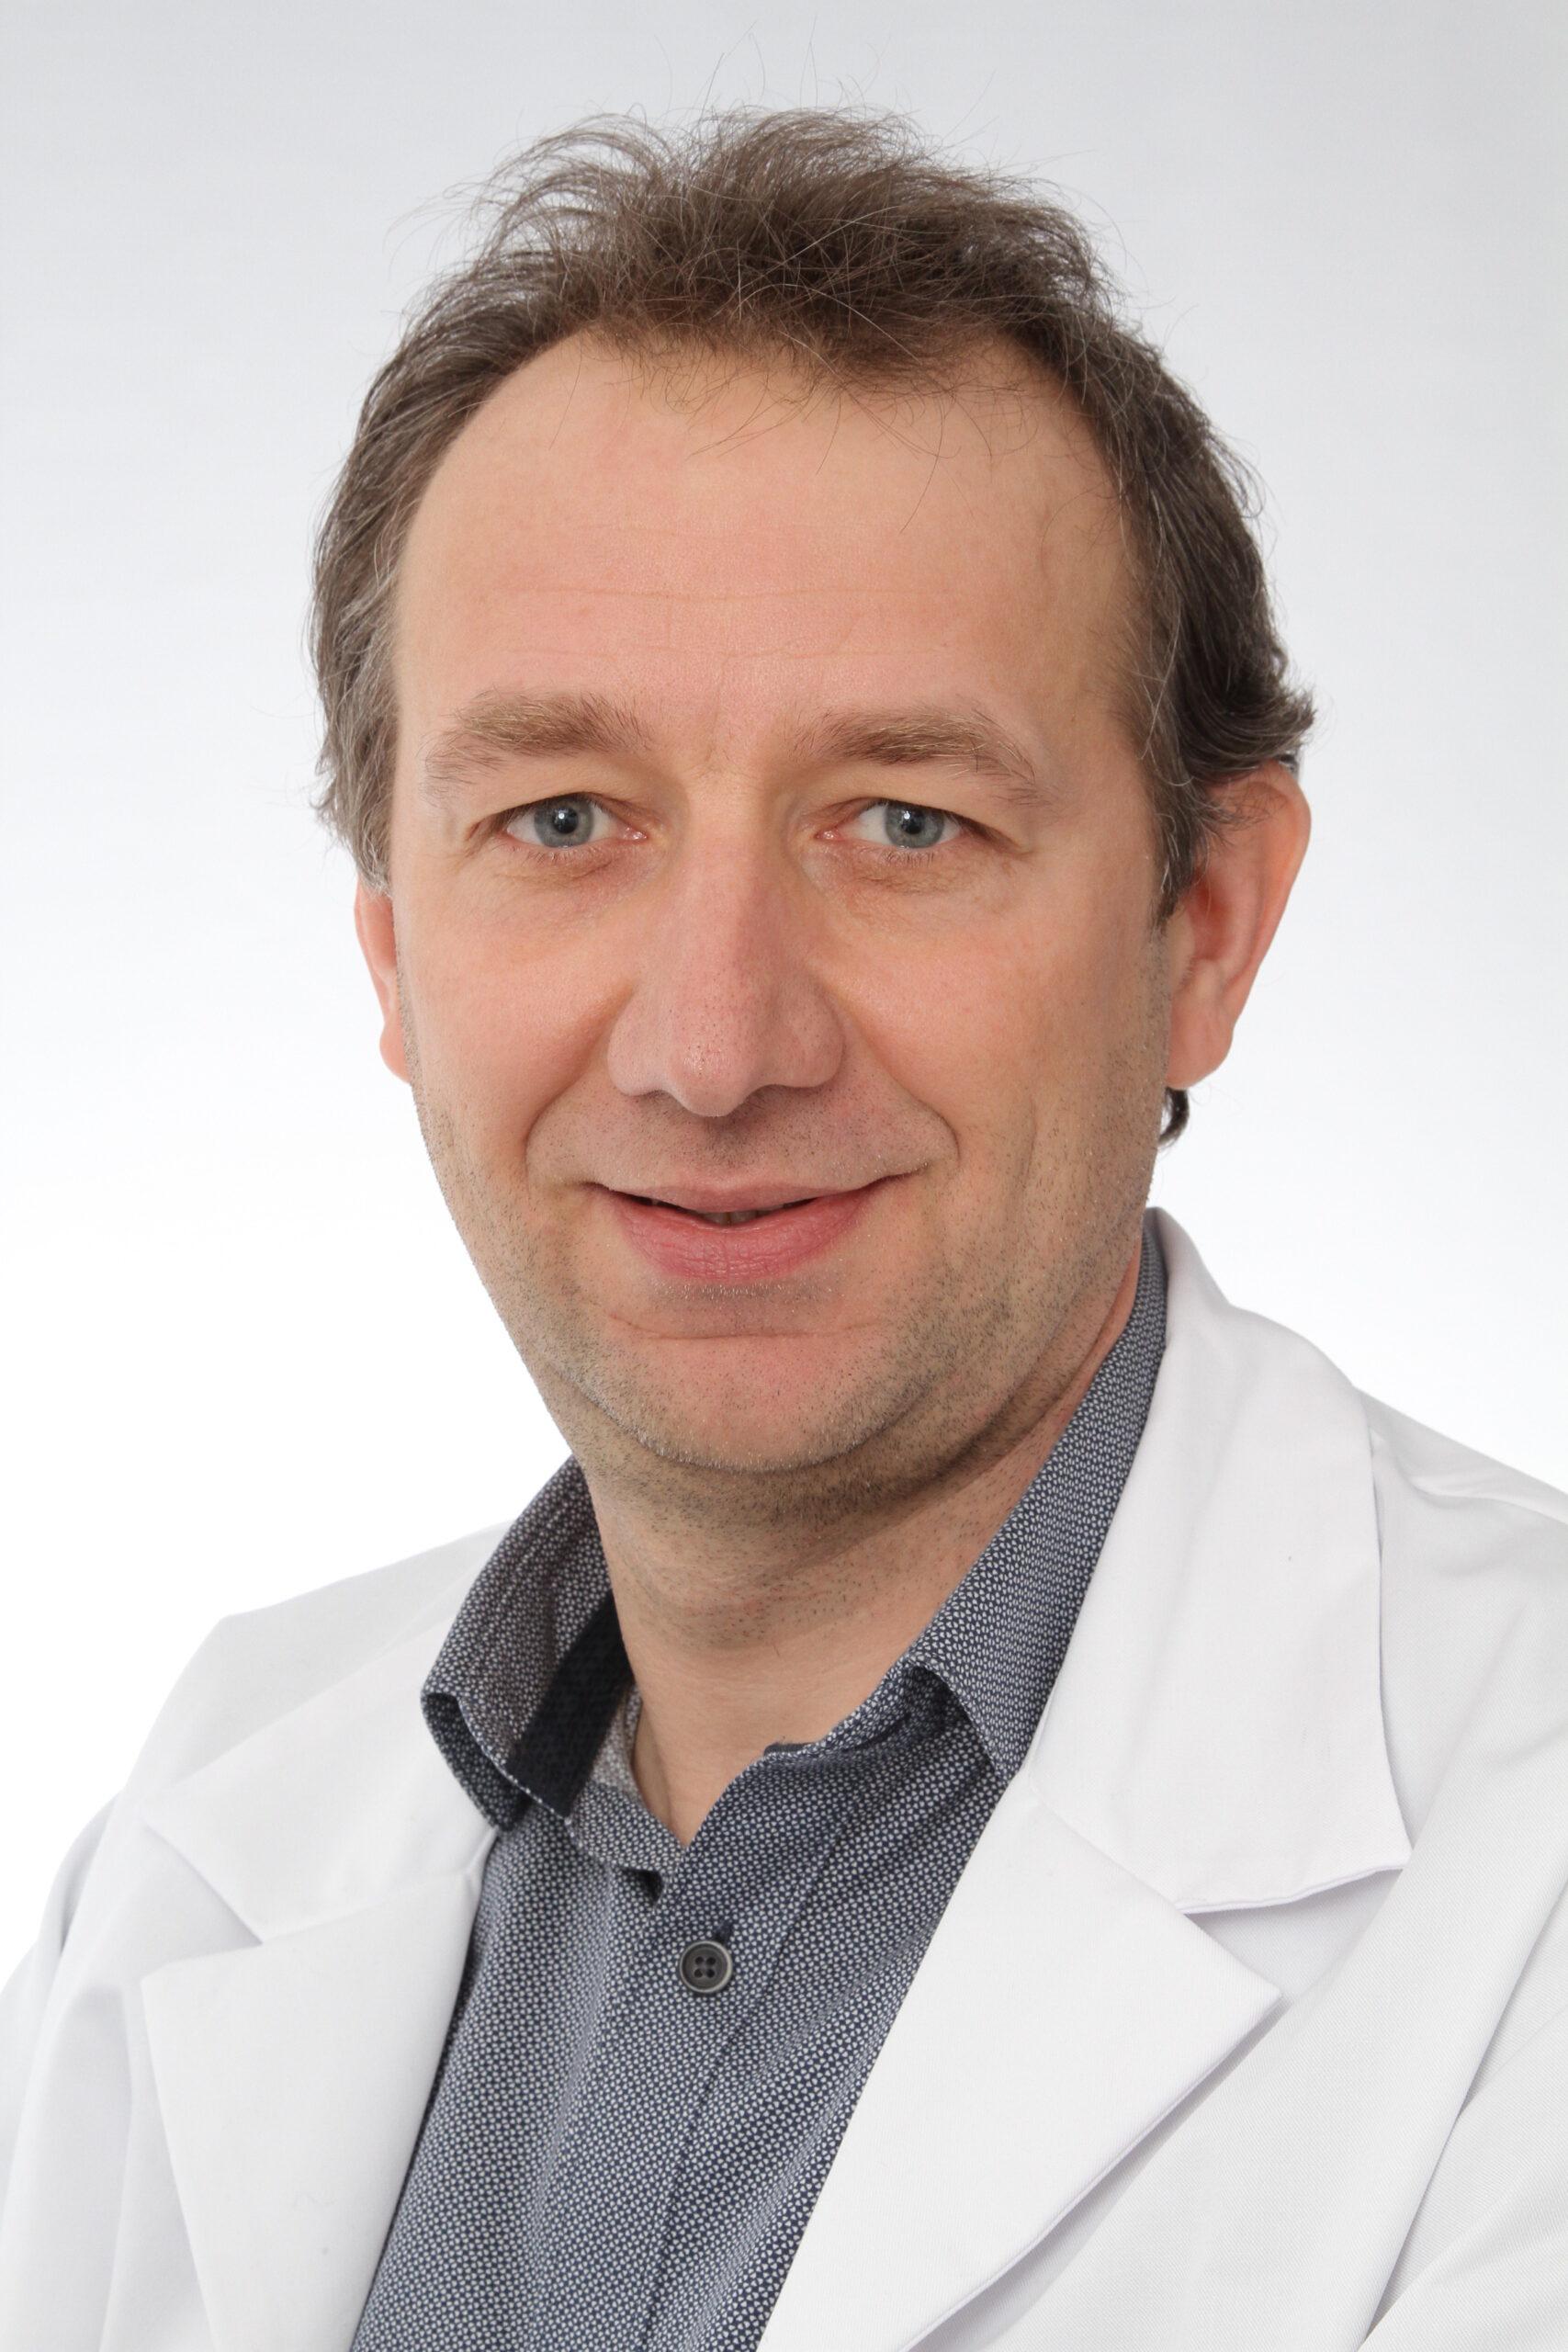 Prof. dr. Pieter Gillard, endocrinoloog en diabetesspecialist in UZ Leuven en hoofdonderzoeker van de studie